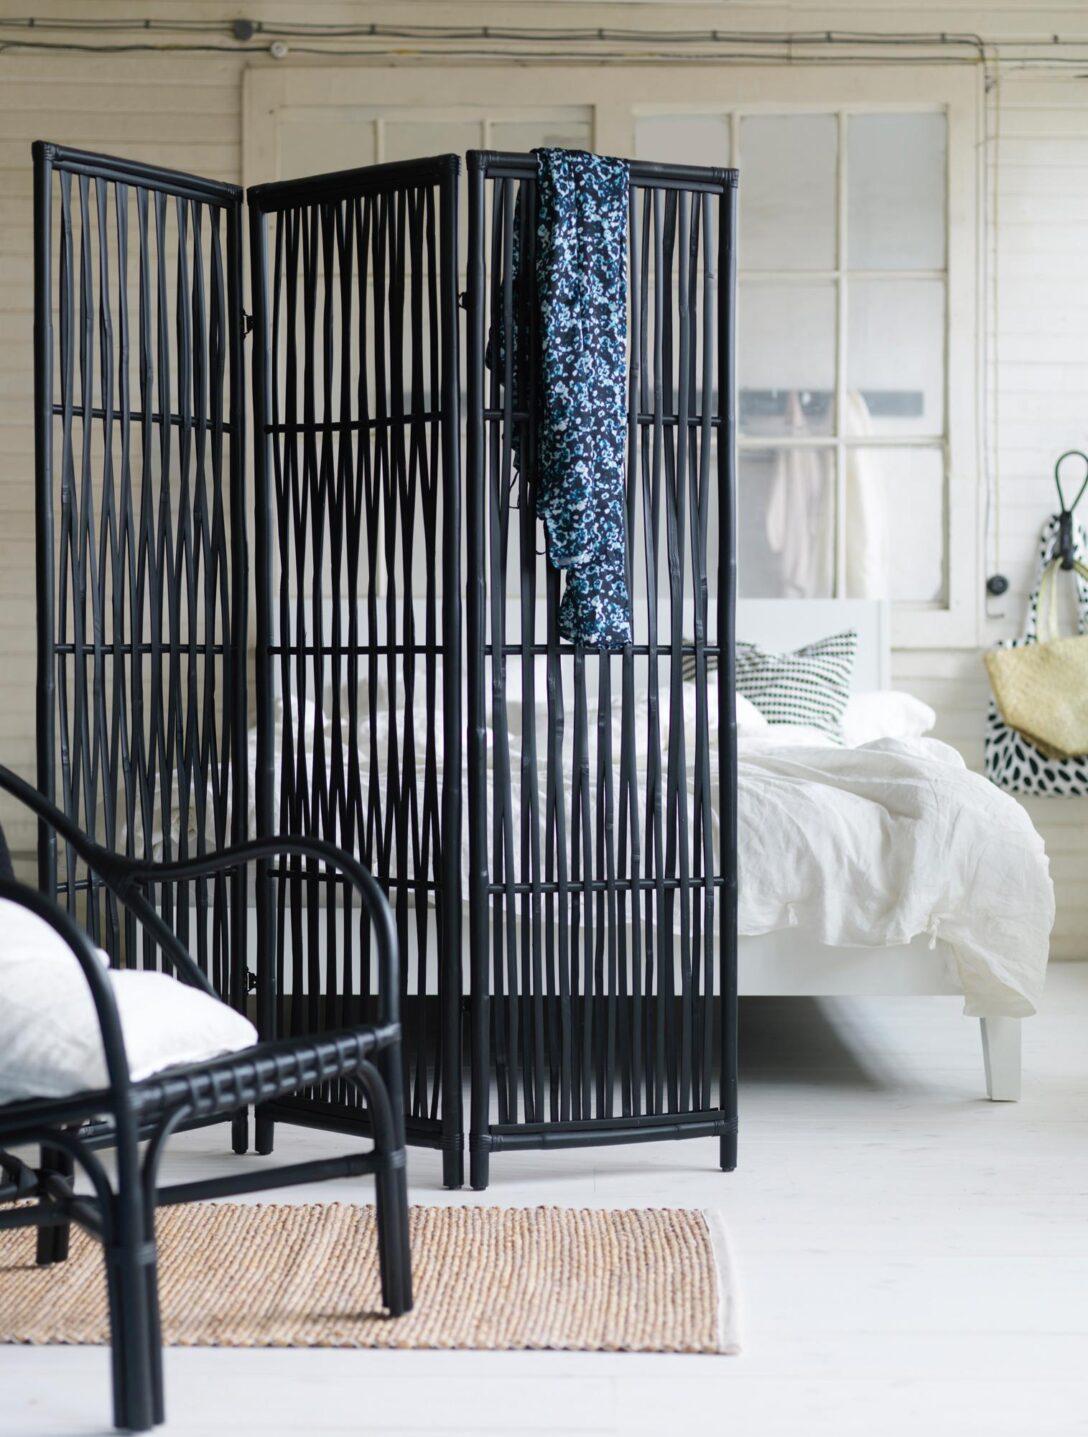 Large Size of Betten Bei Ikea 160x200 Küche Kosten Garten Paravent Sofa Mit Schlaffunktion Modulküche Miniküche Kaufen Wohnzimmer Paravent Balkon Ikea